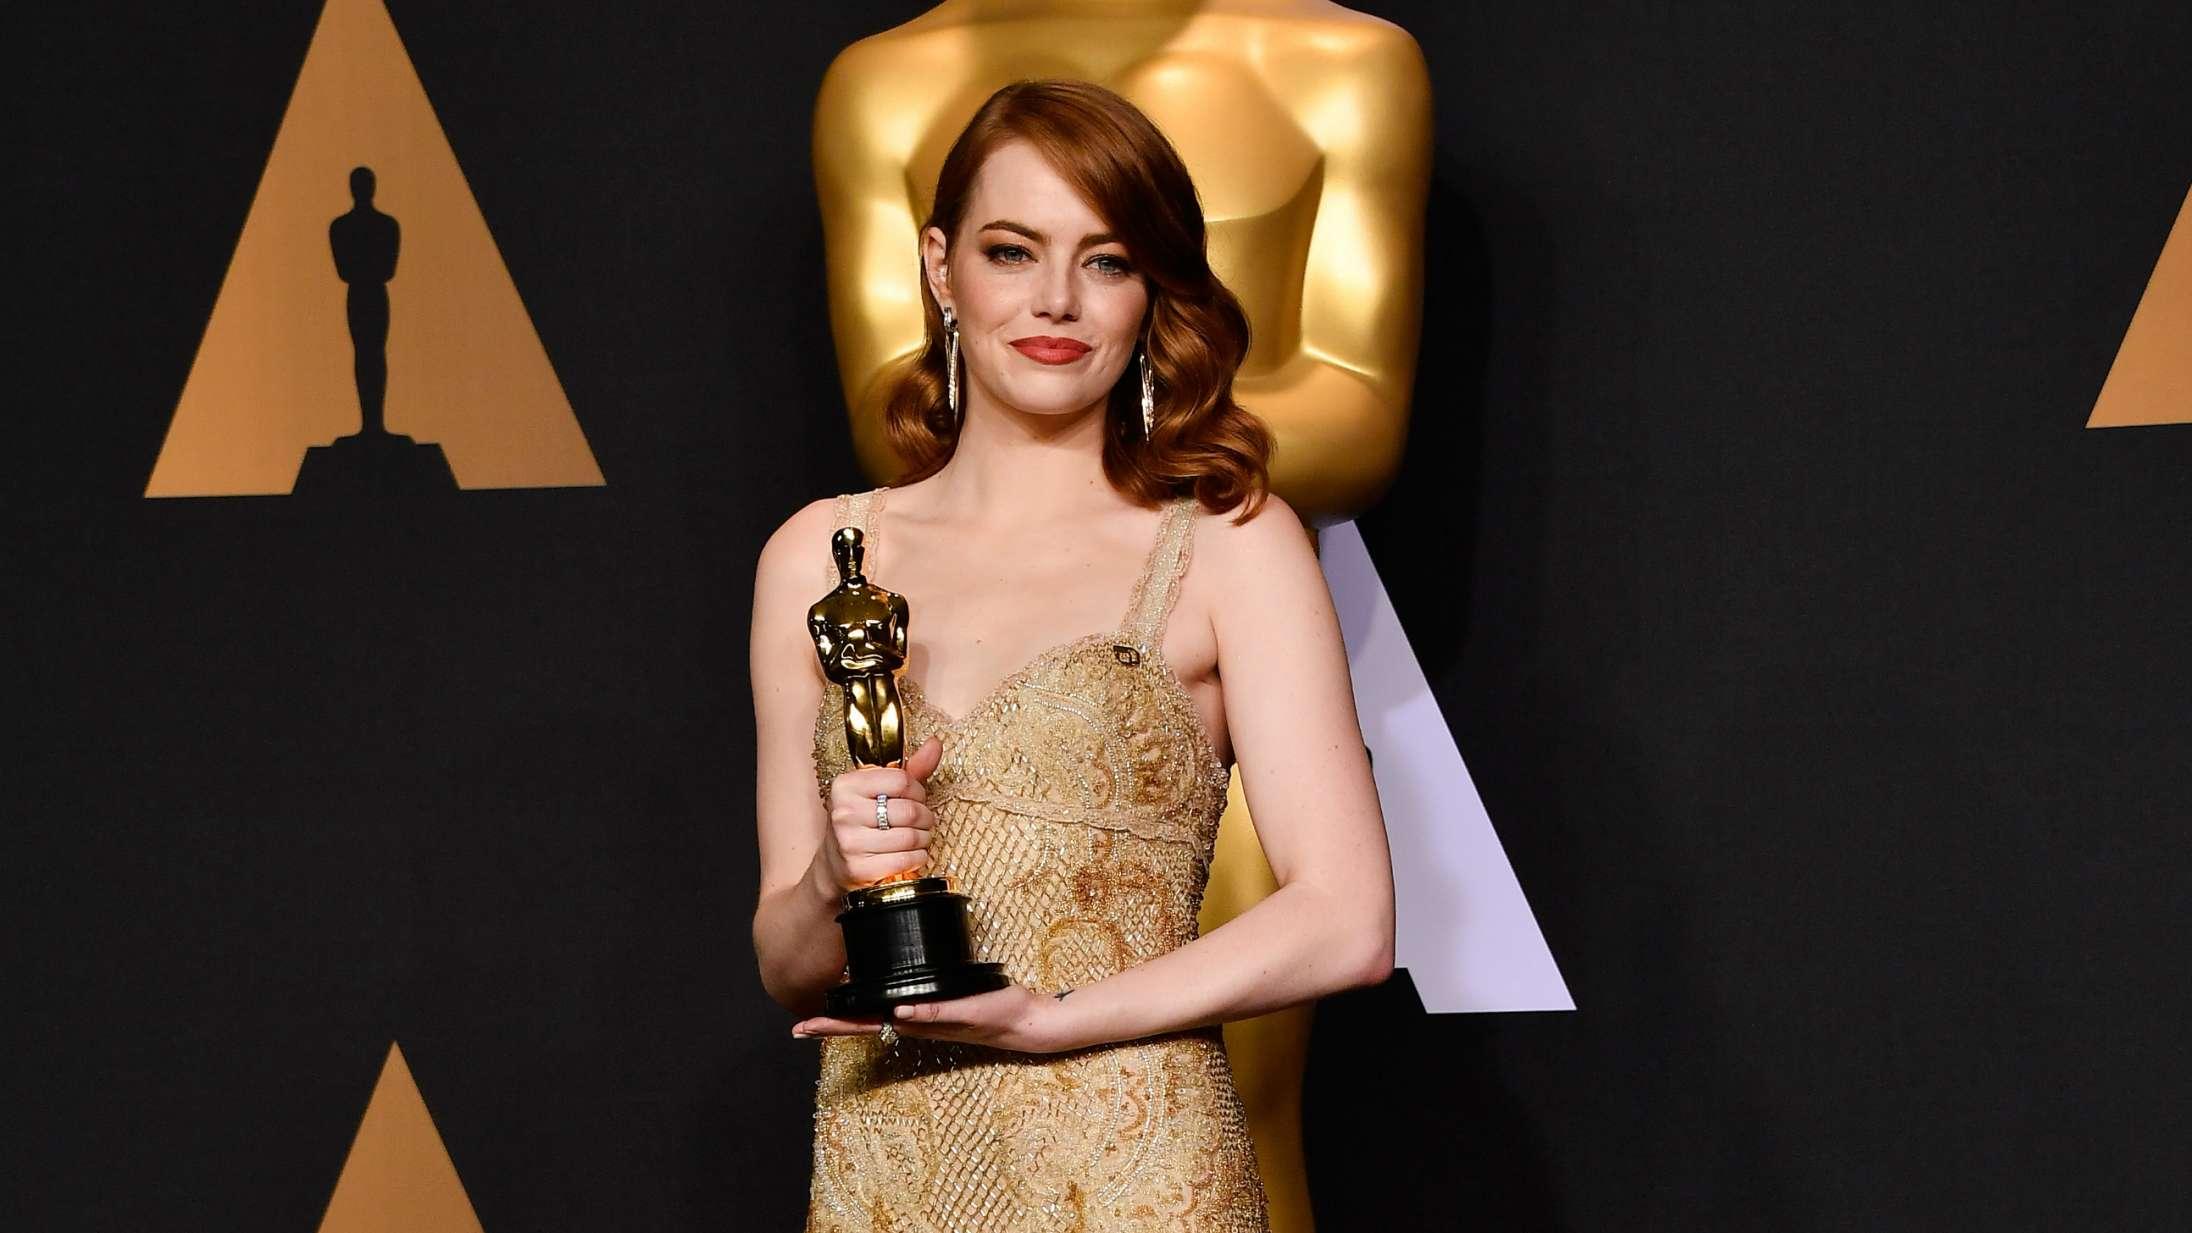 Emma Stone var besat af Leonardo DiCaprio som barn – gjorde Oscar-sejr til surrealistisk oplevelse